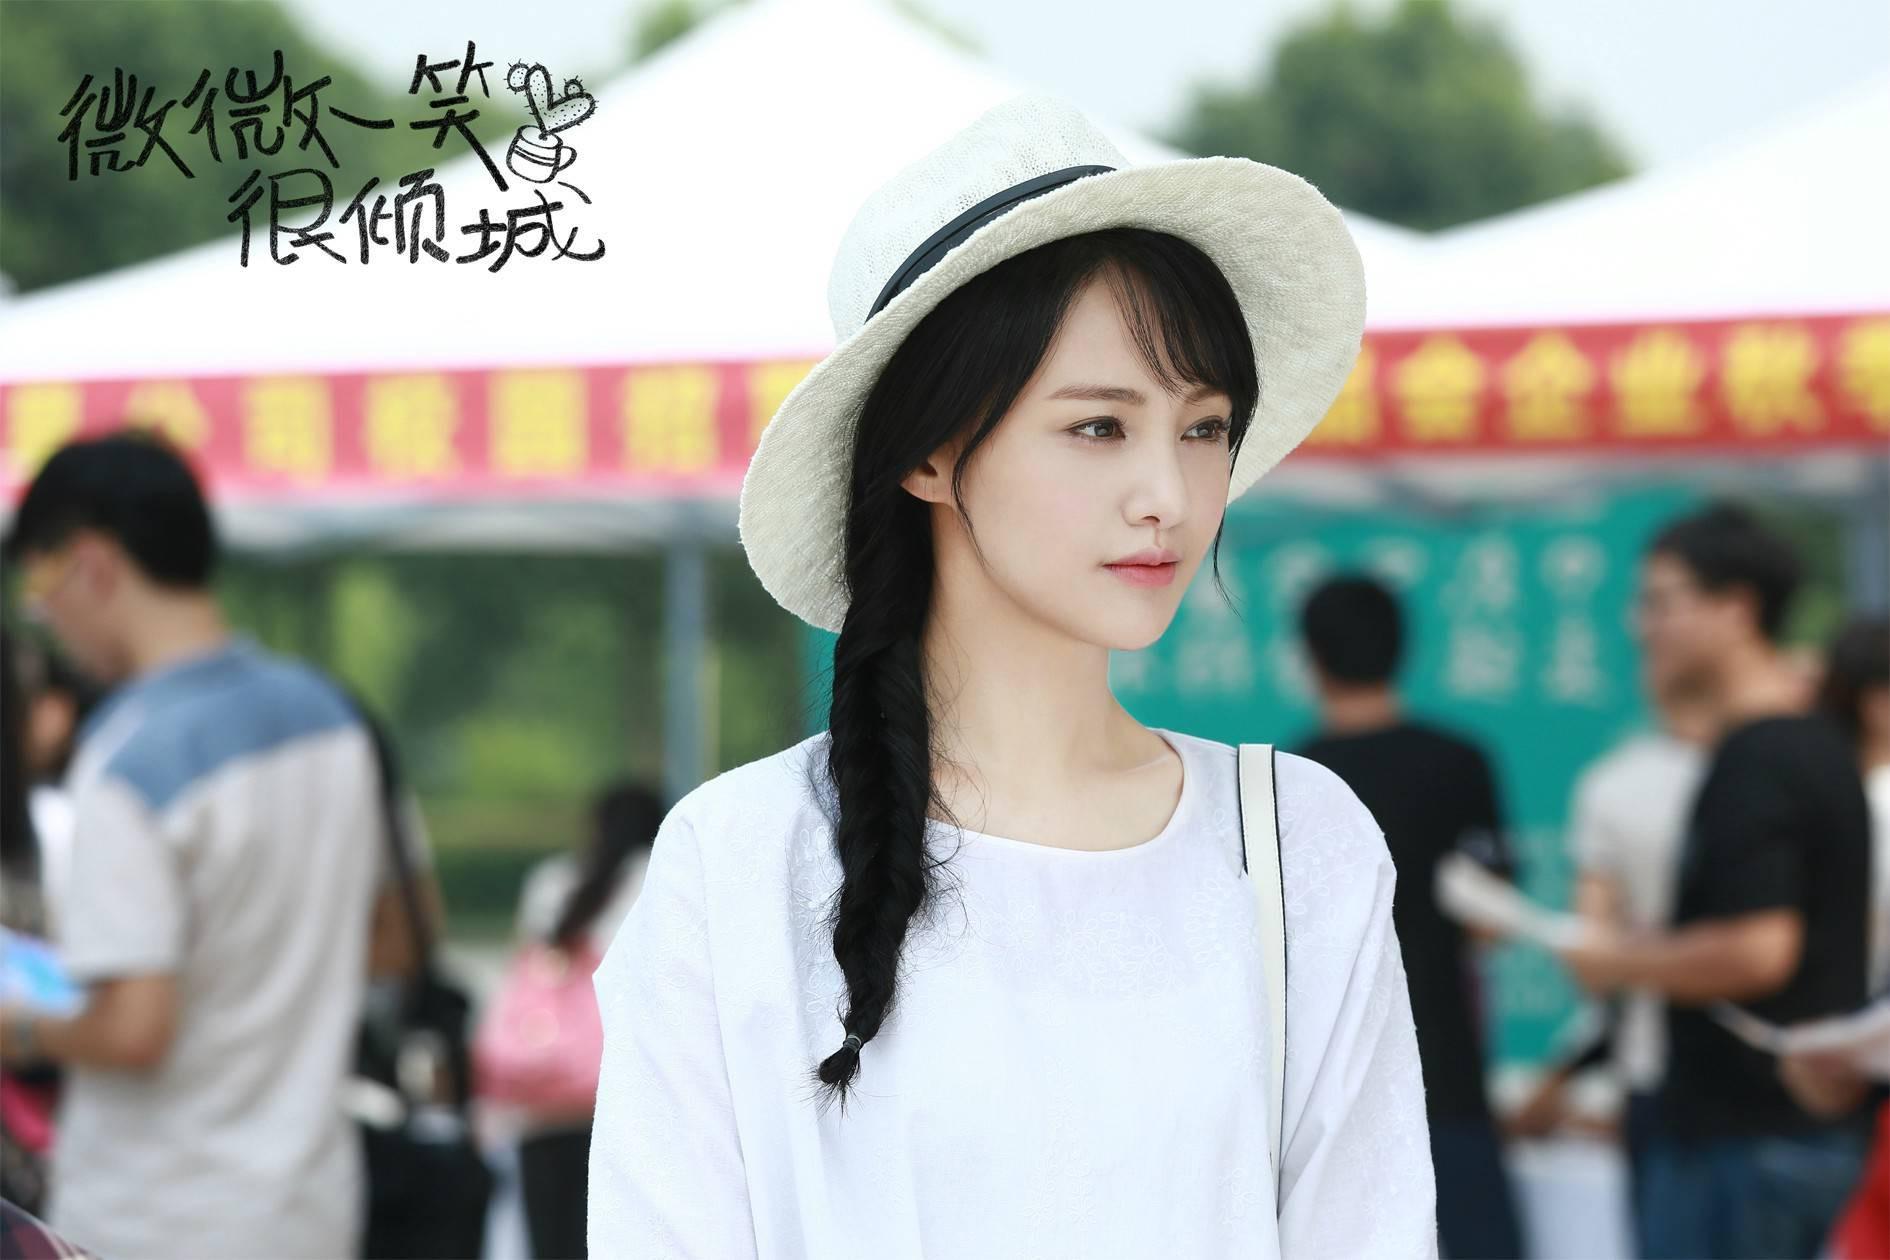 Không lòe loẹt son phấn nữa, các nữ thần học đường trong phim Trung chỉ trung thành với kiểu makeup này thôi - Ảnh 12.